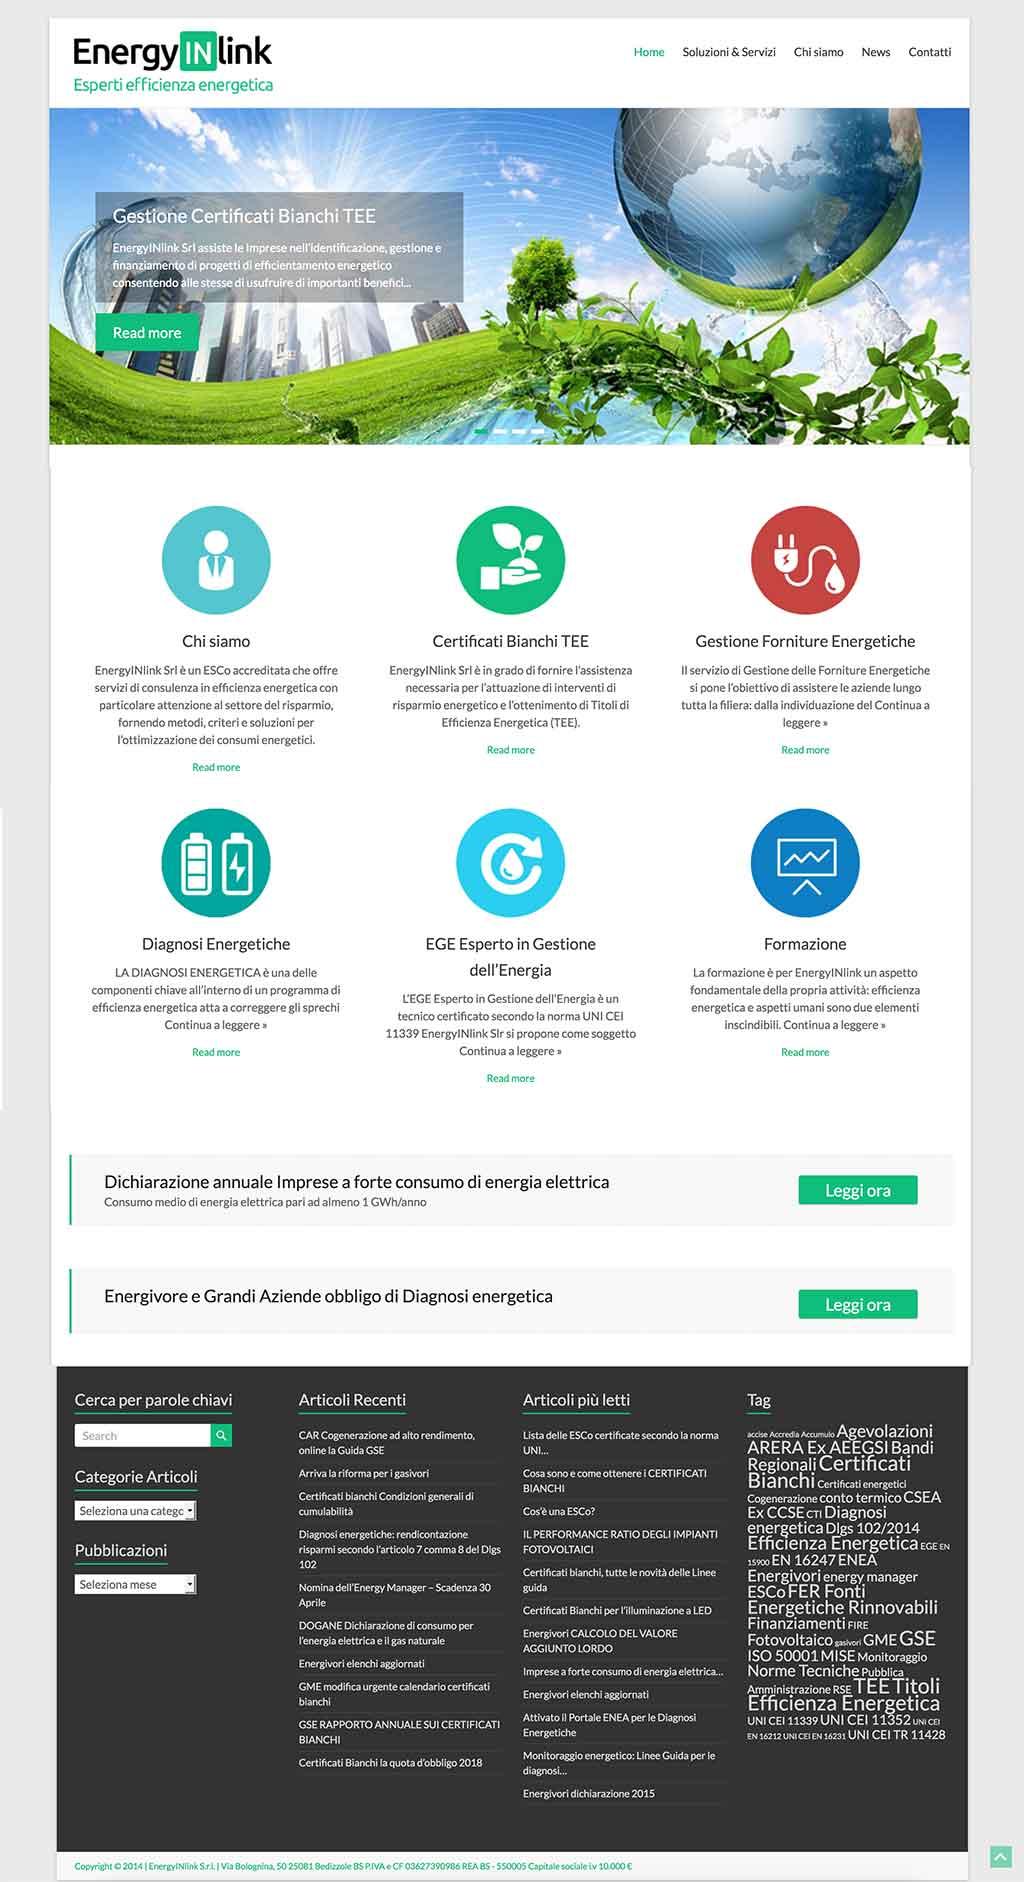 eneryinlink homepage